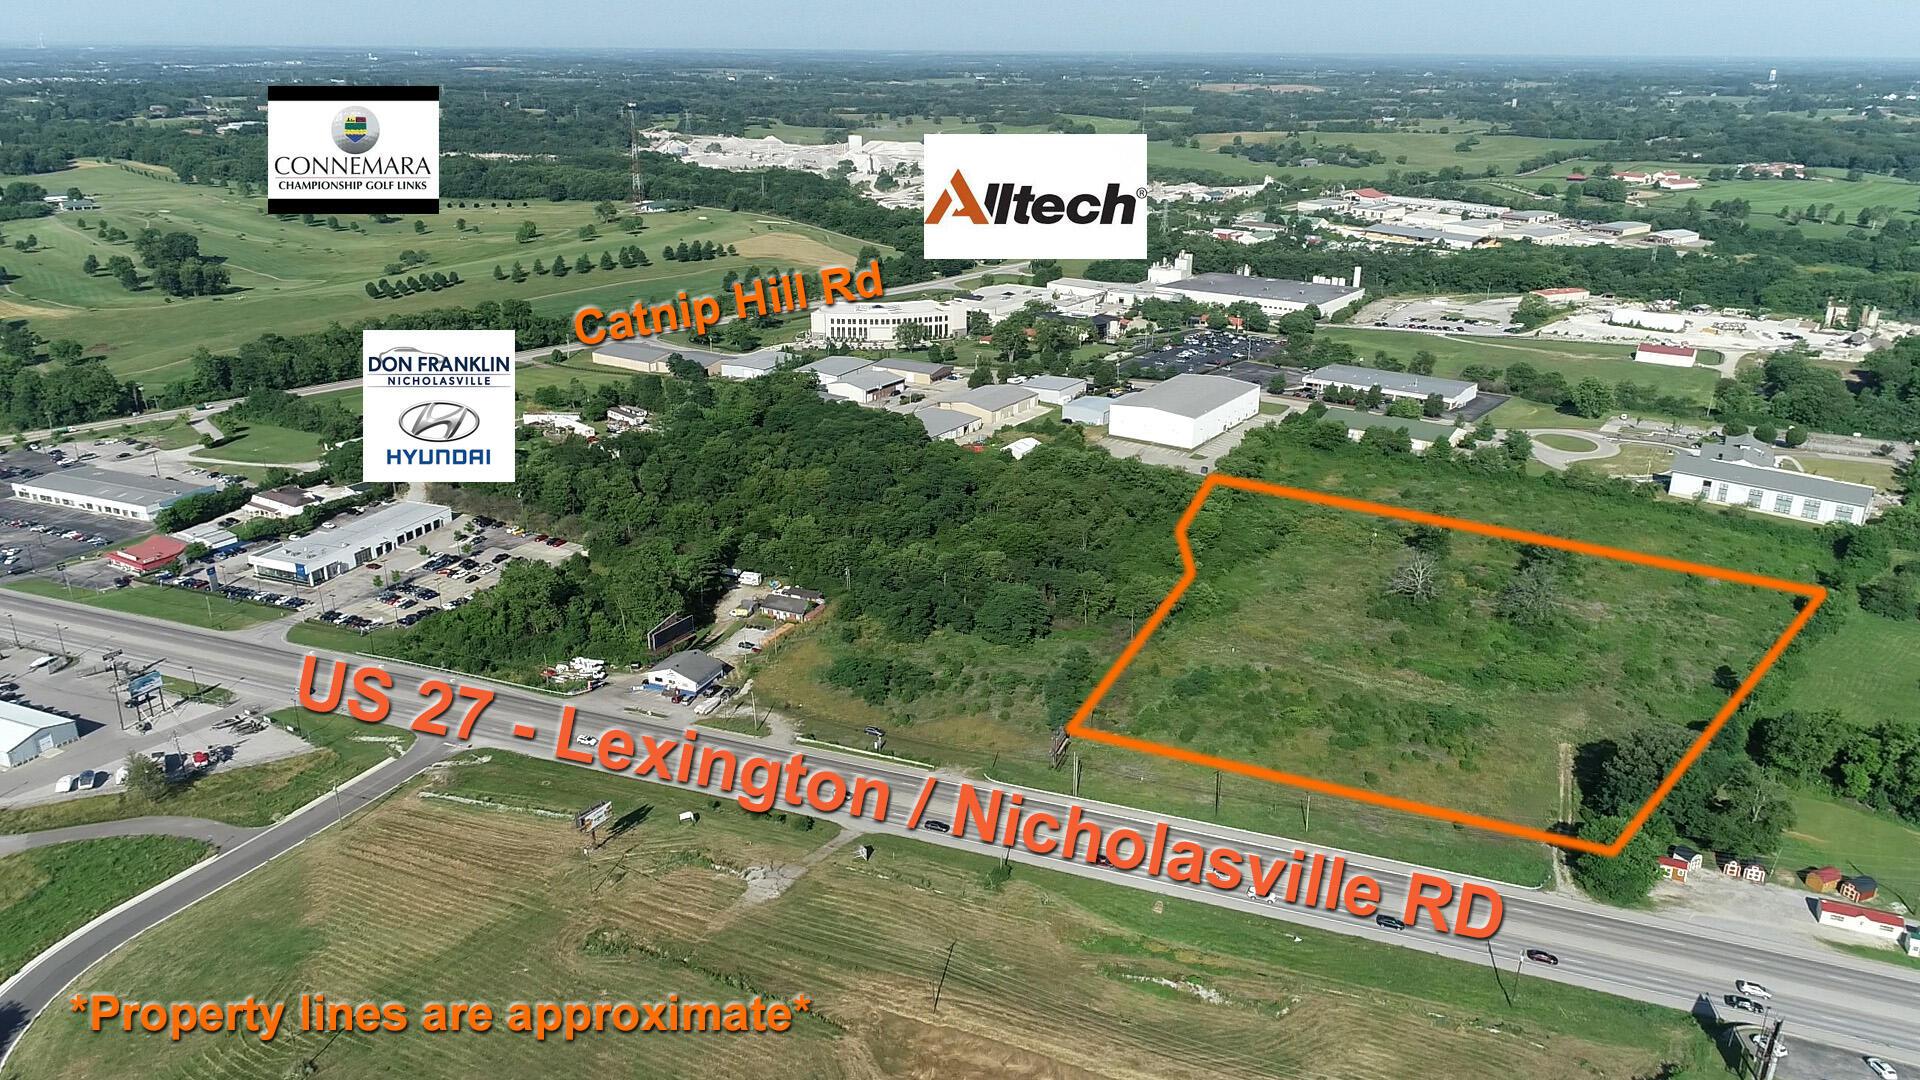 3079 Lexington, Nicholasville, KY 40356